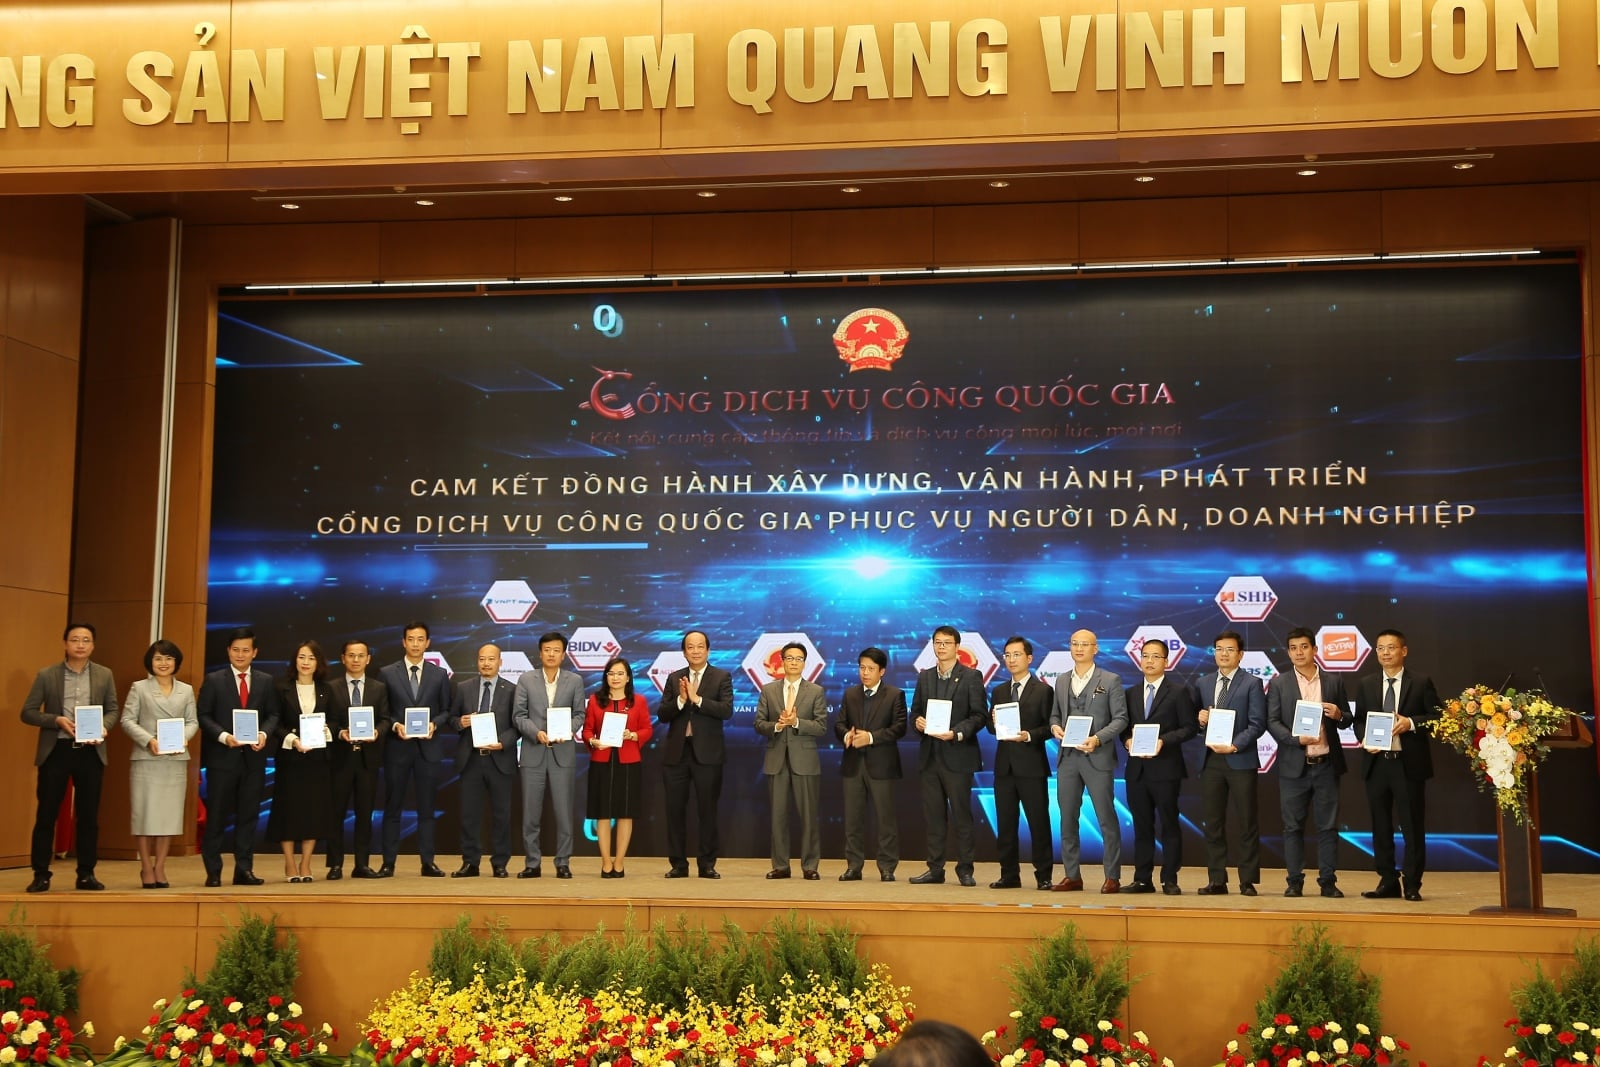 Ví MoMo nhận bằng khen của Chính Phủ vì những đóng góp tích cực cho sự phát triển của Cổng Dịch Vụ Công Quốc gia